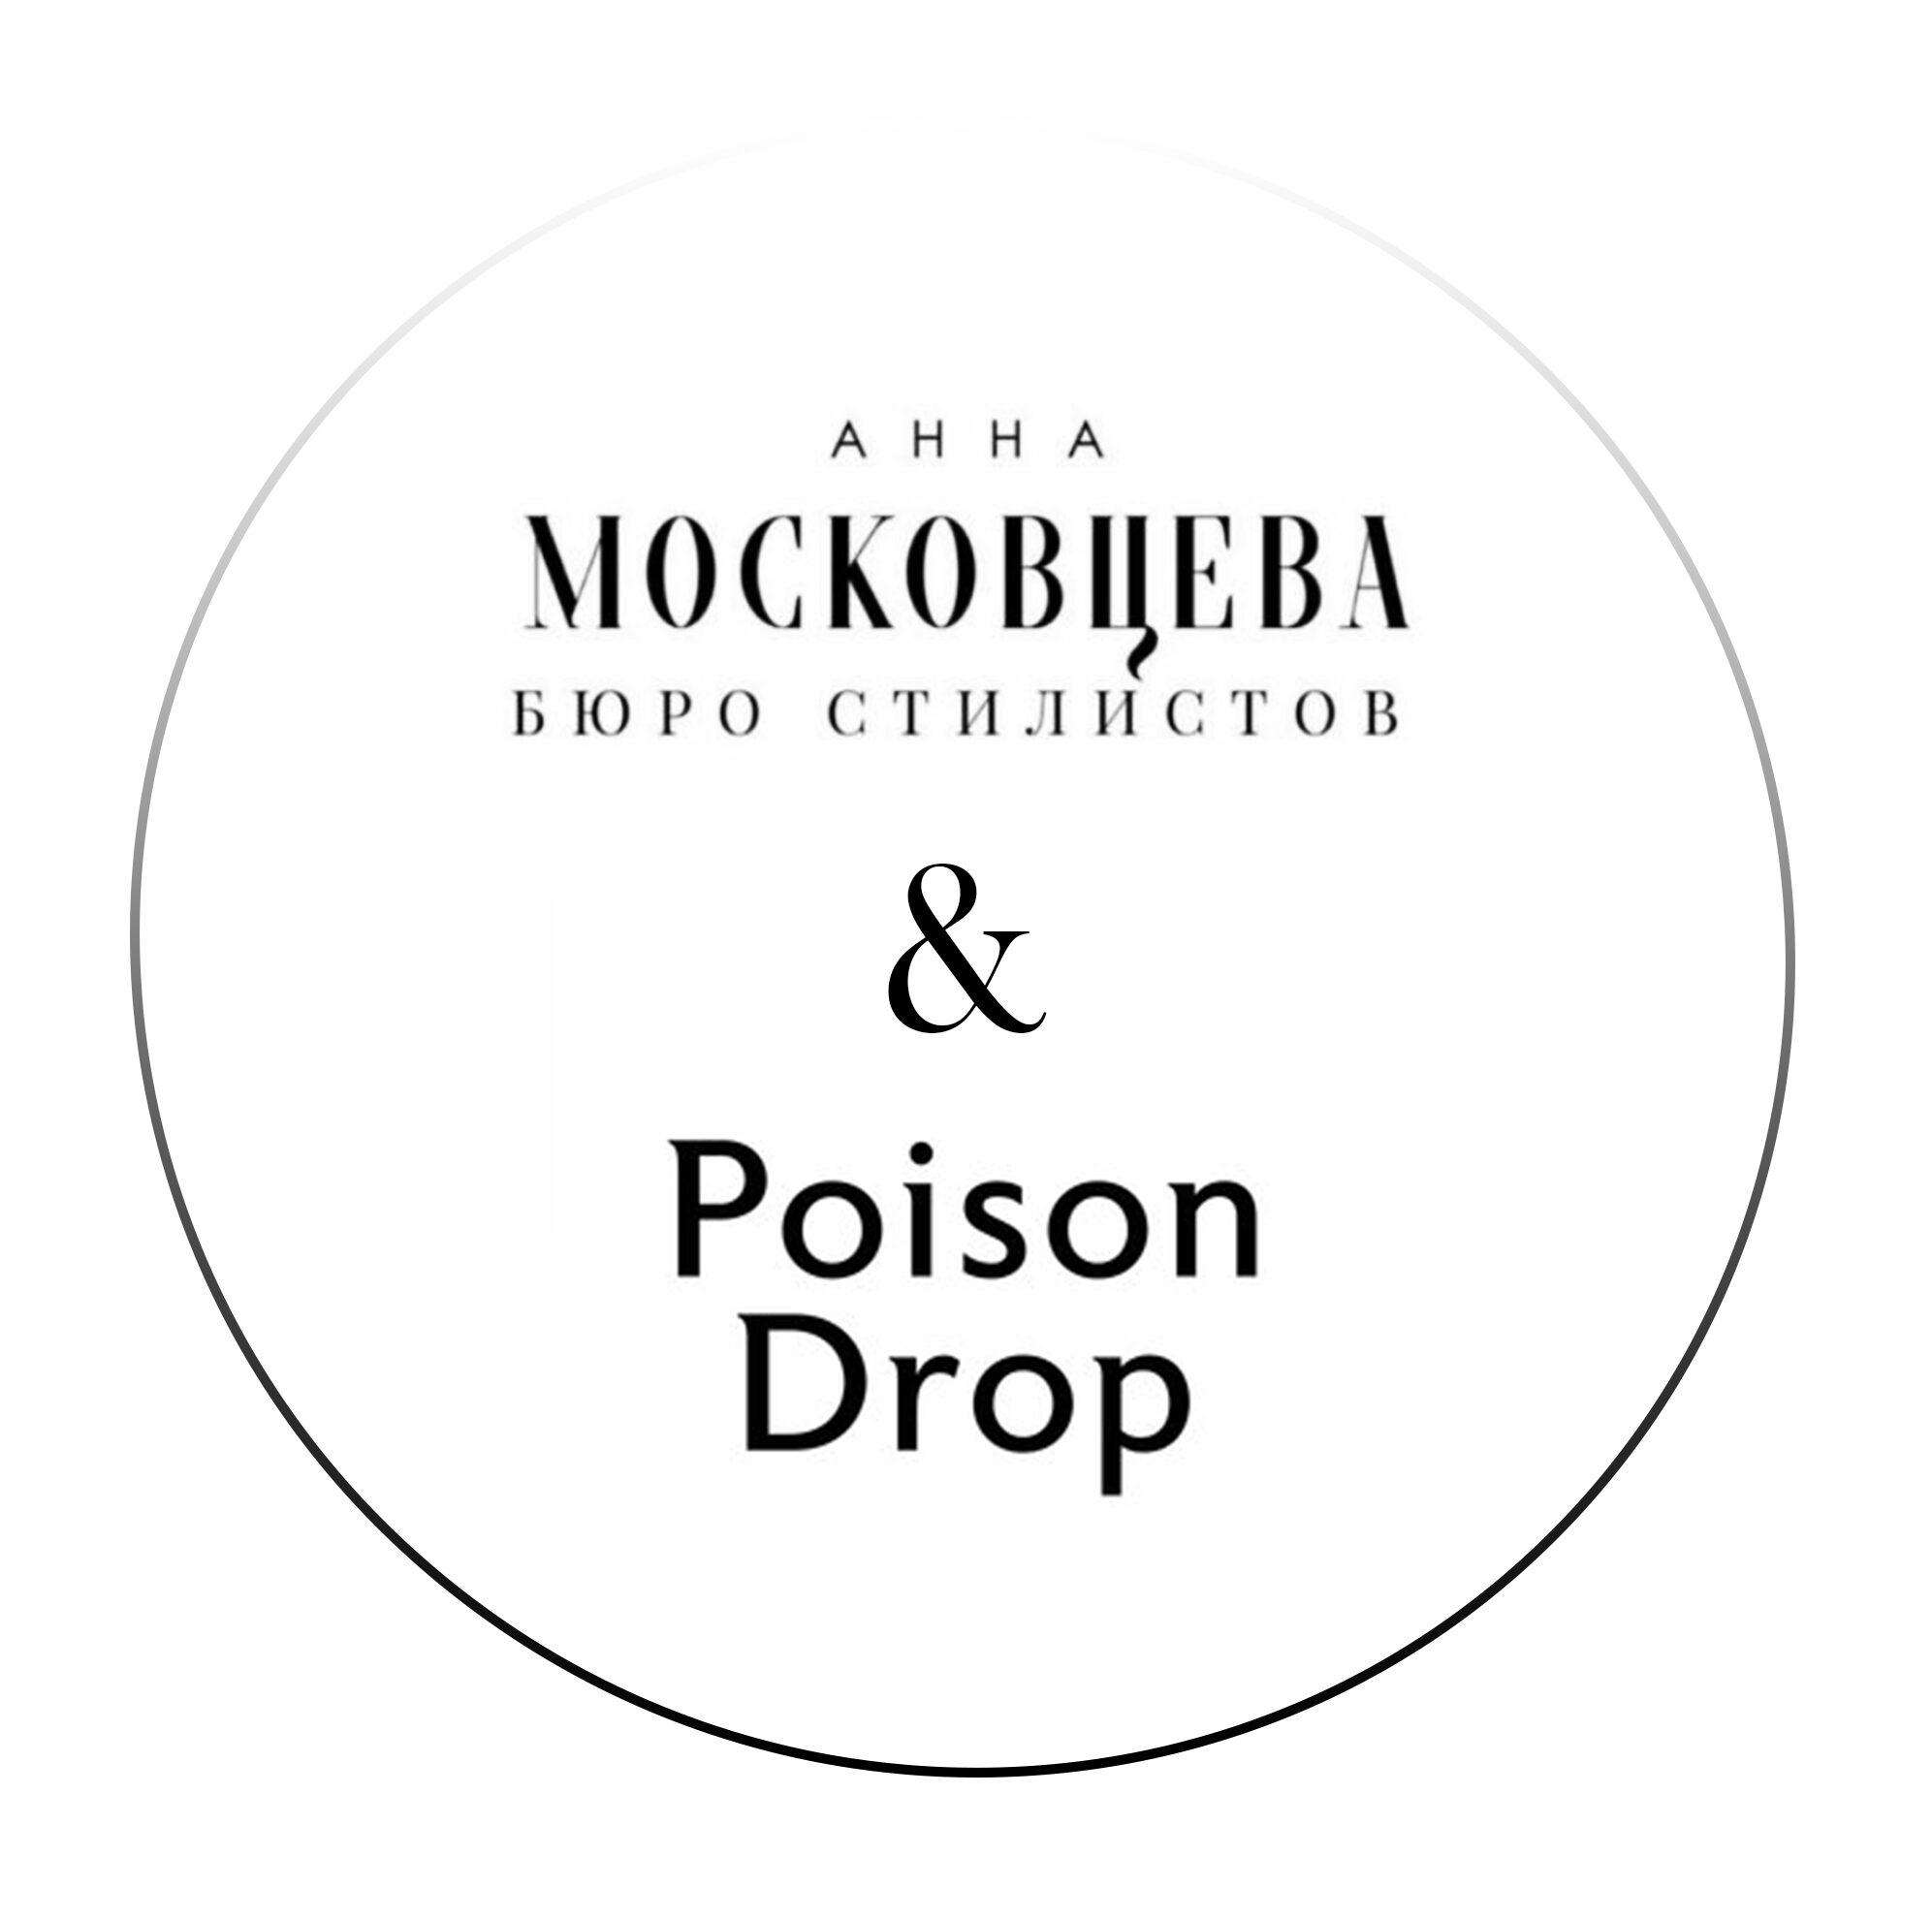 Подборка украшений совместно с Poison Drop